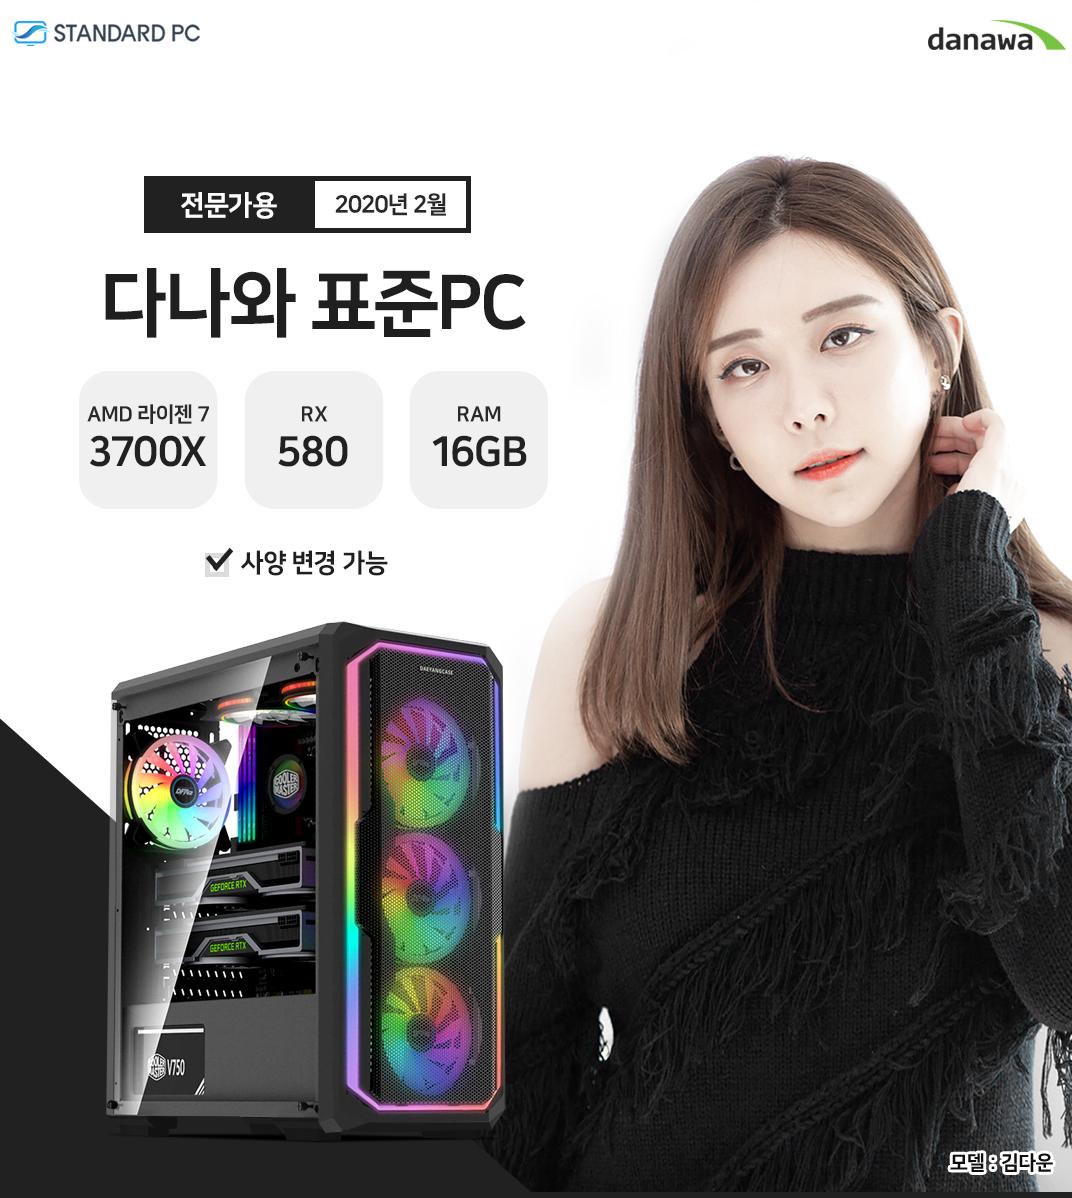 2020년 02월 다나와 표준PC 3D작업용 AMD 라이젠 7 3700X RTX 2060 SUPER RAM 16G 모델 송주아